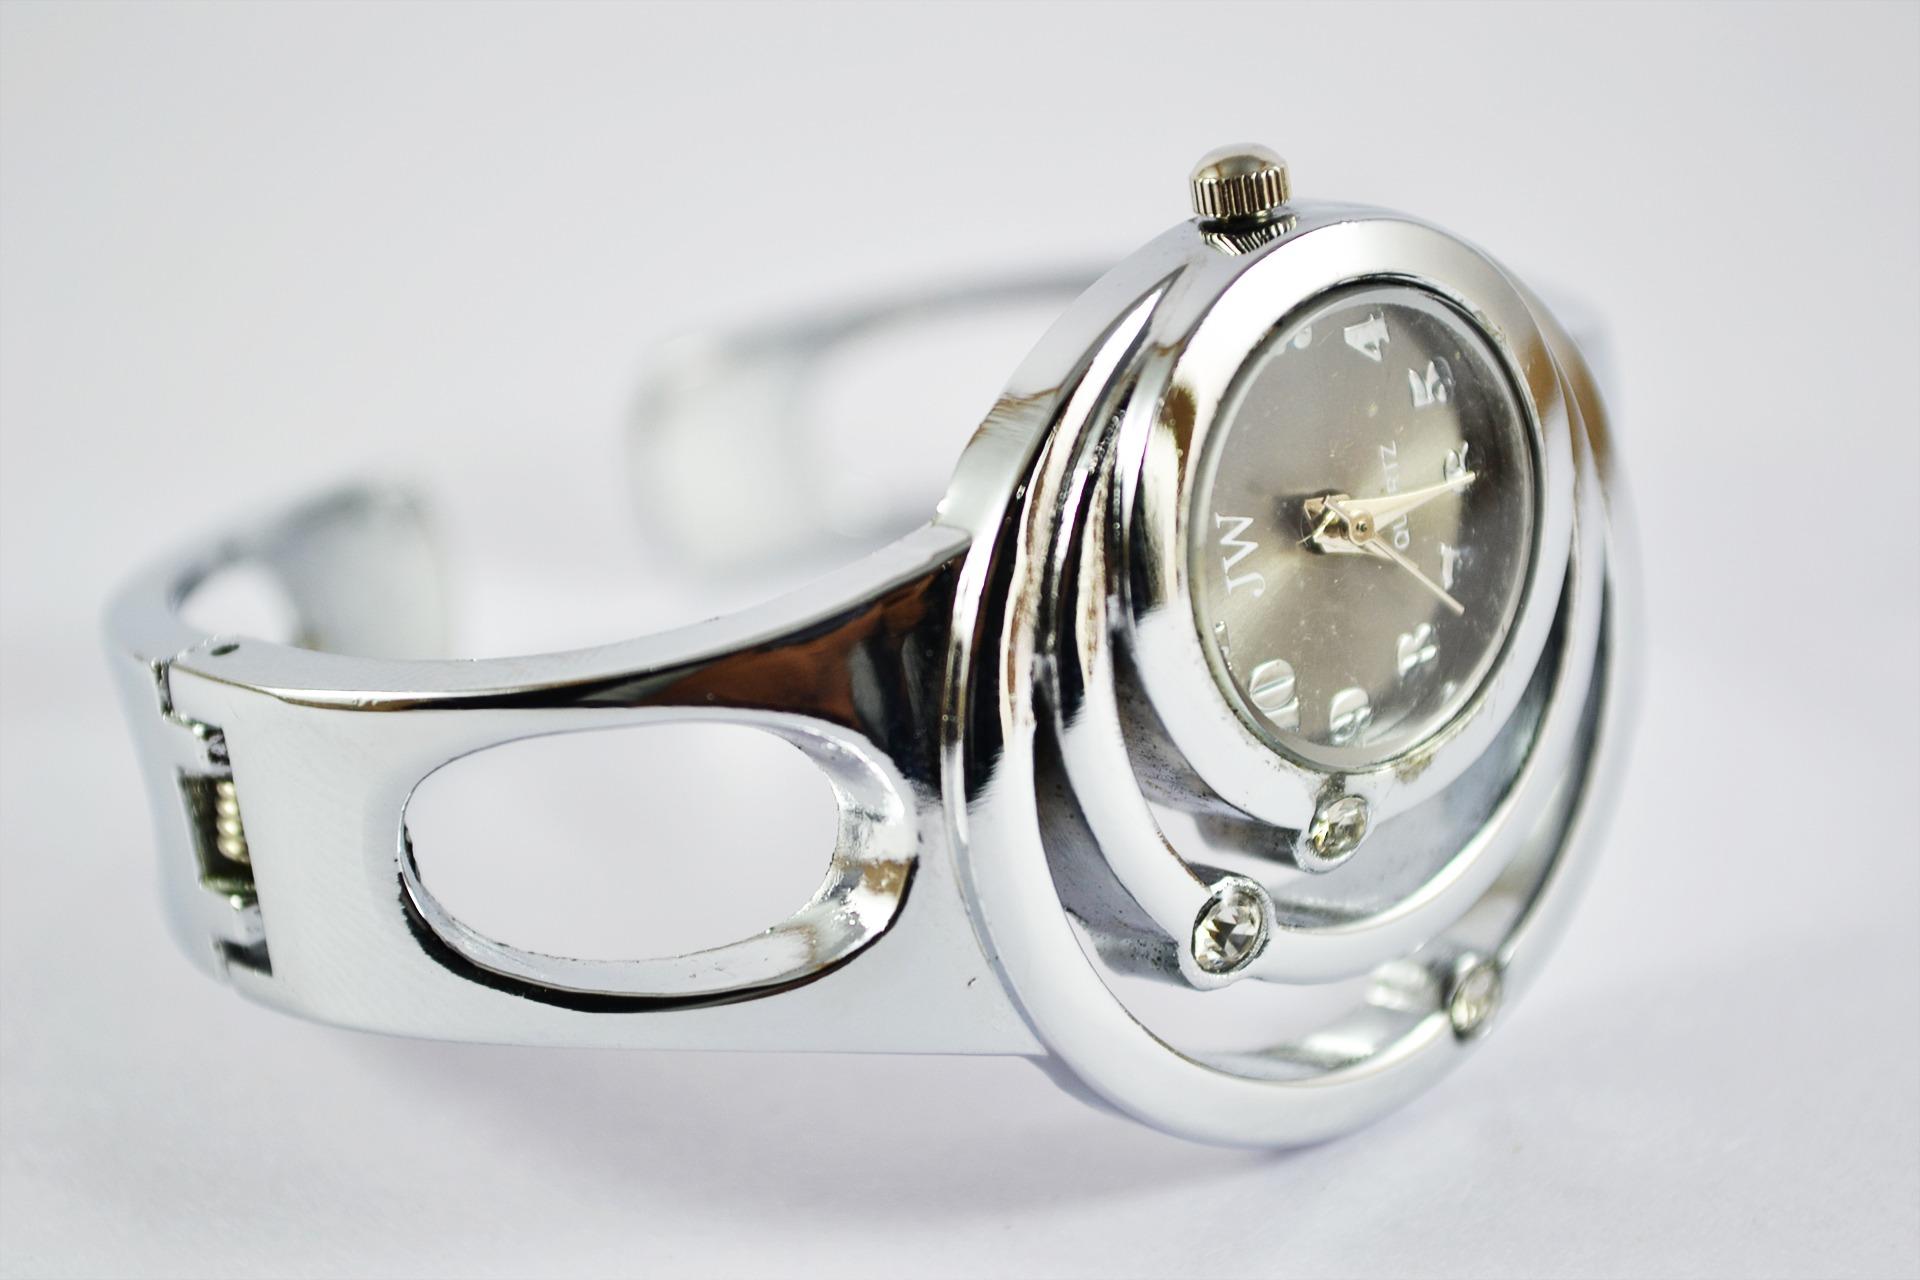 kéz nő ajándék divat ajándék ékszerek karóra ezüst szépség fényes Srí Lanka  fényes Ceylon tartozék platina 1abf5f3d93